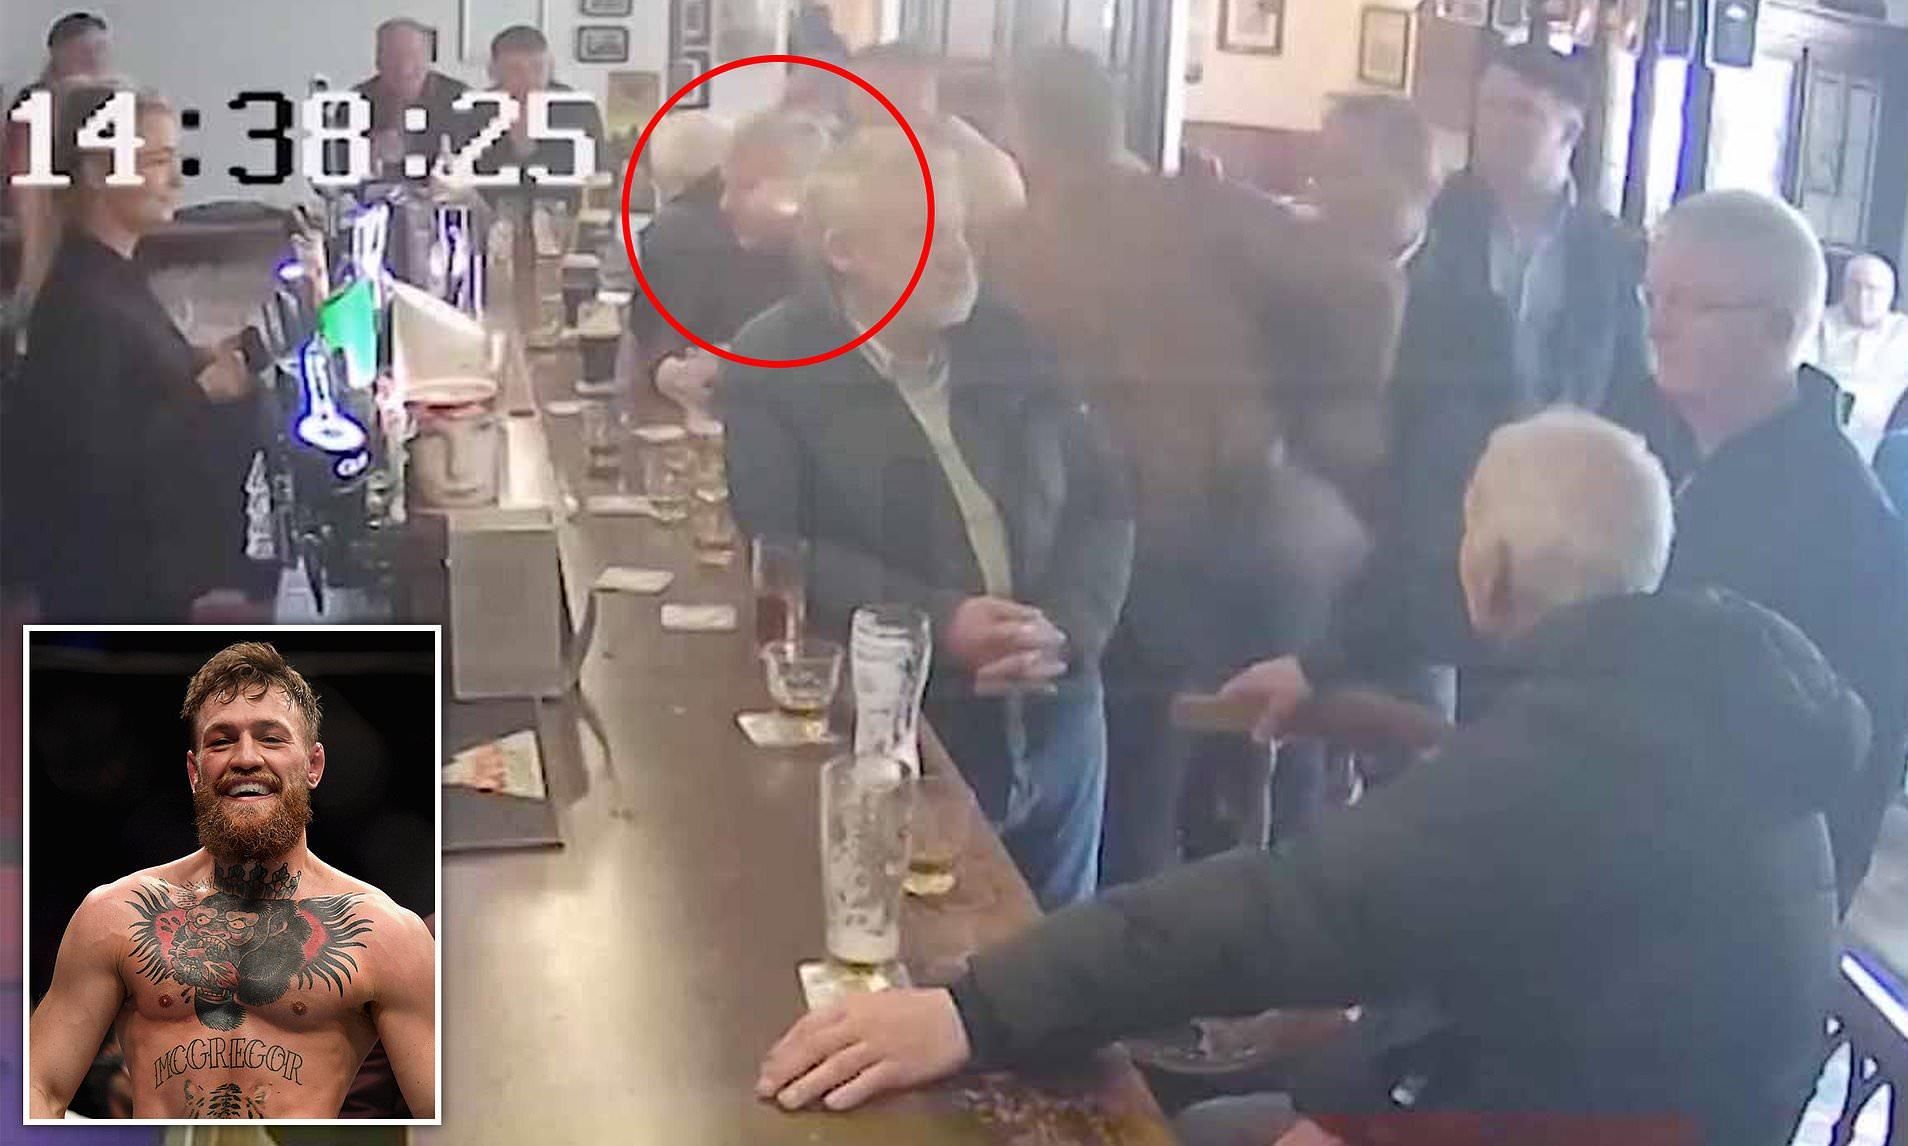 Cтало известно, почему Конор Макгрегор ударил пожилого мужчину в баре